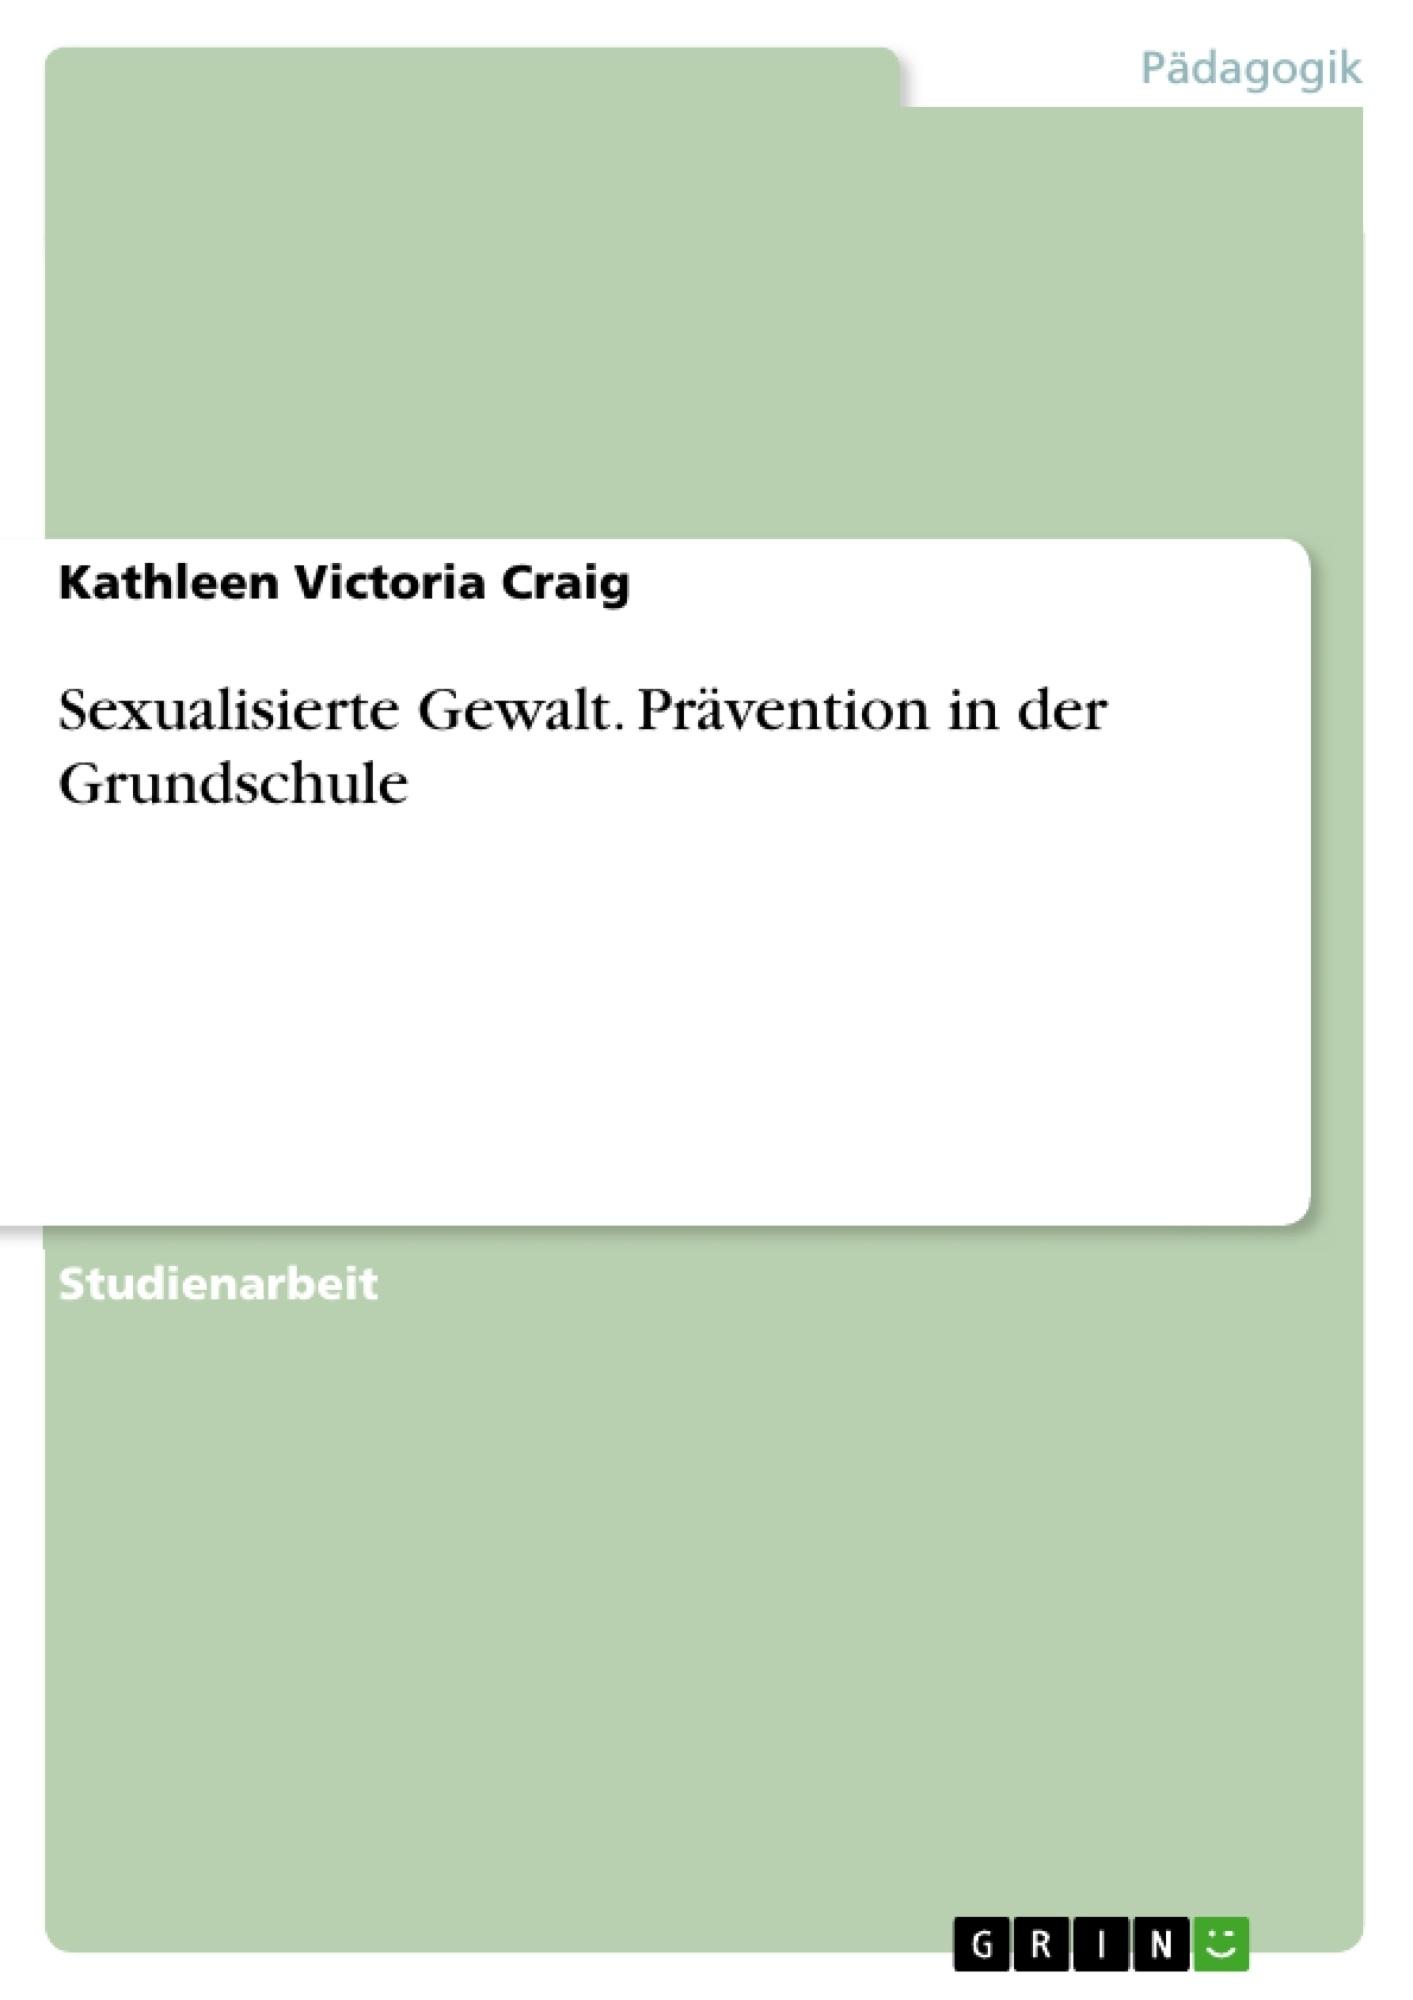 Titel: Sexualisierte Gewalt. Prävention in der Grundschule